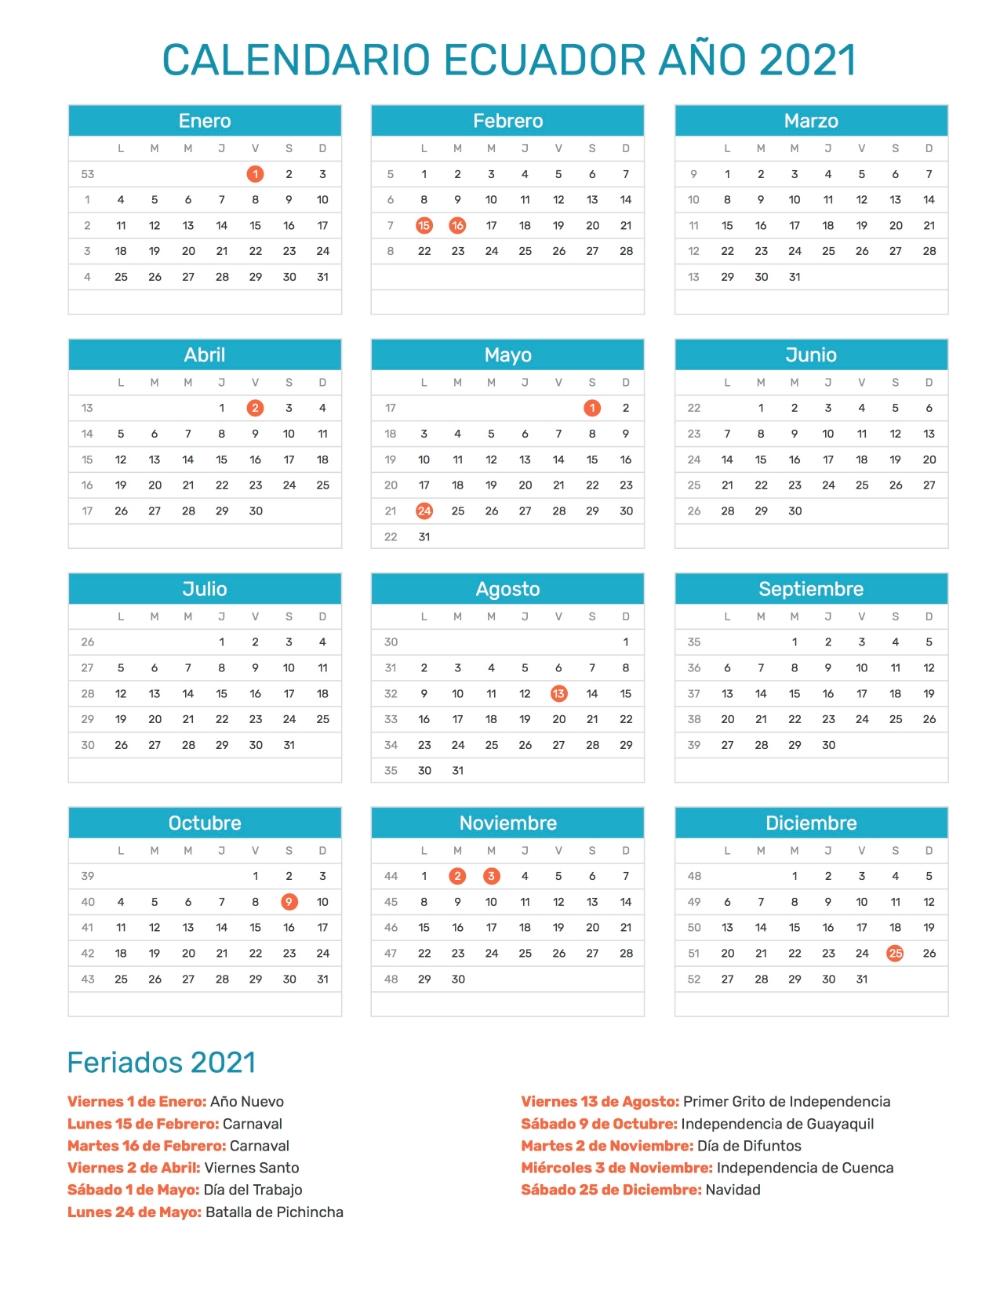 Versión Para Imprimir In 2020 (With Images) | Calendar